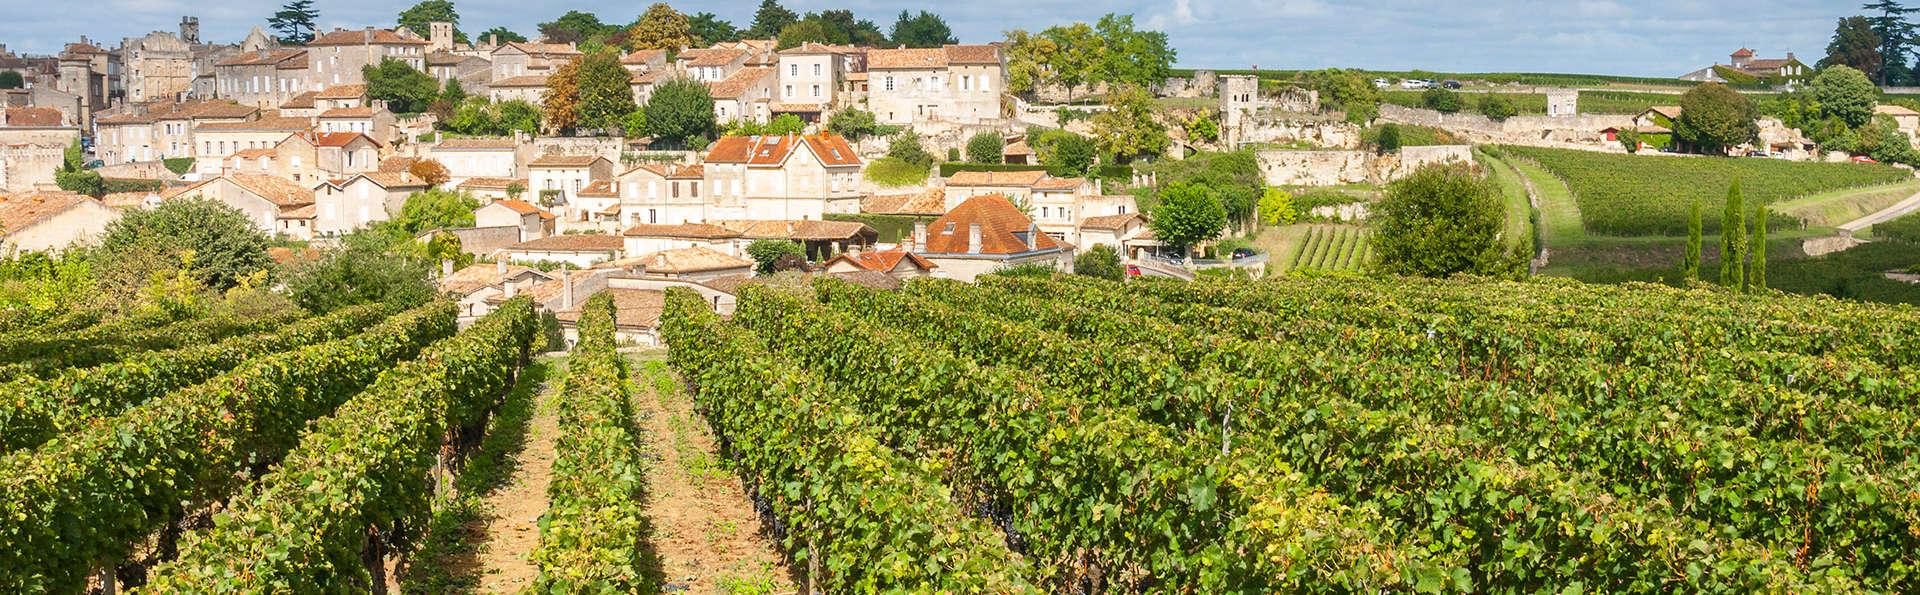 Domaine De Fompeyre - EDIT_destination.jpg